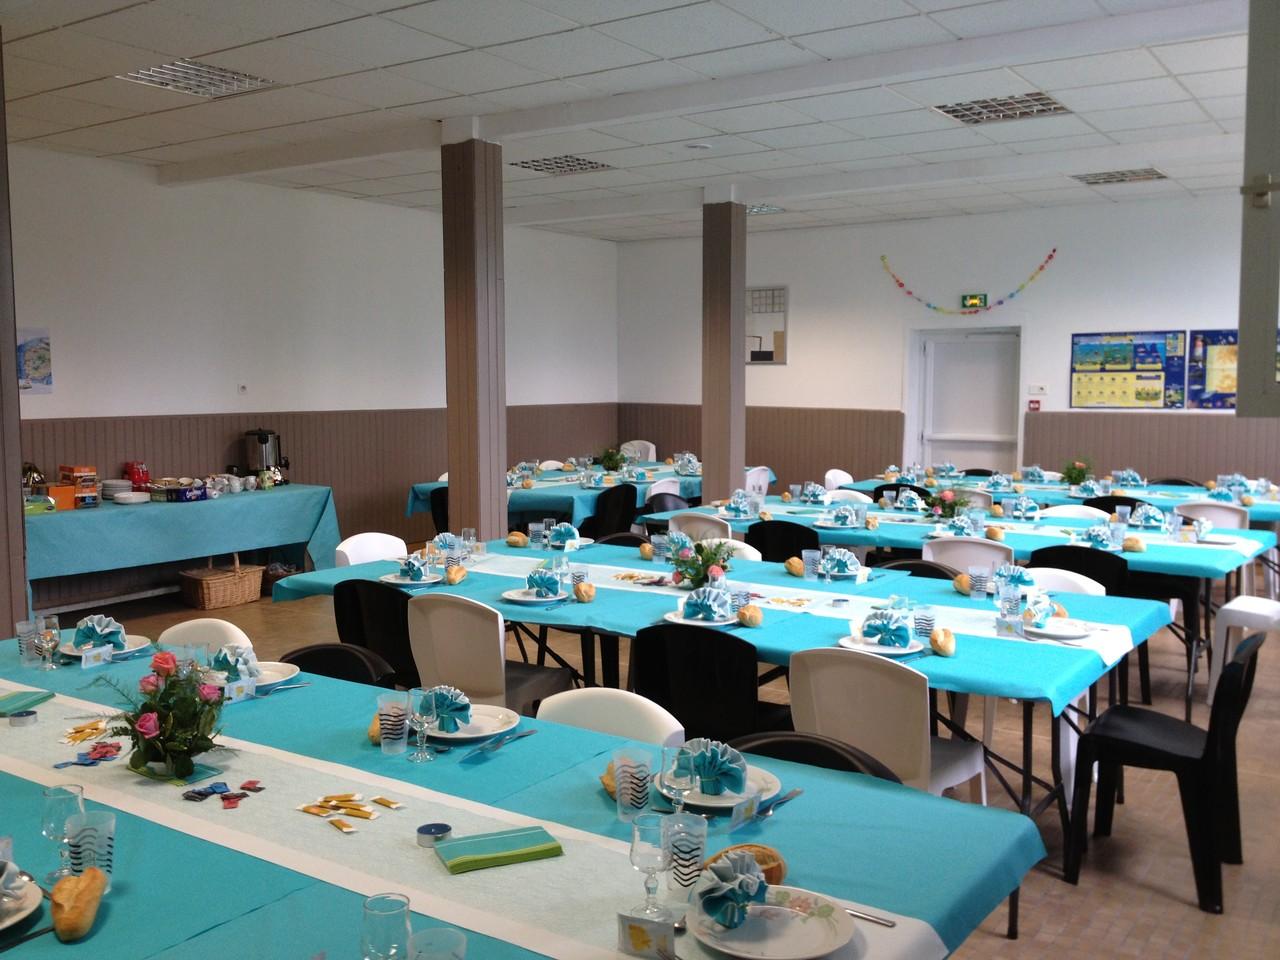 Salle Blue Idea, à 300m de la jolie plage de Kerhornou et seulement 25min de Brest